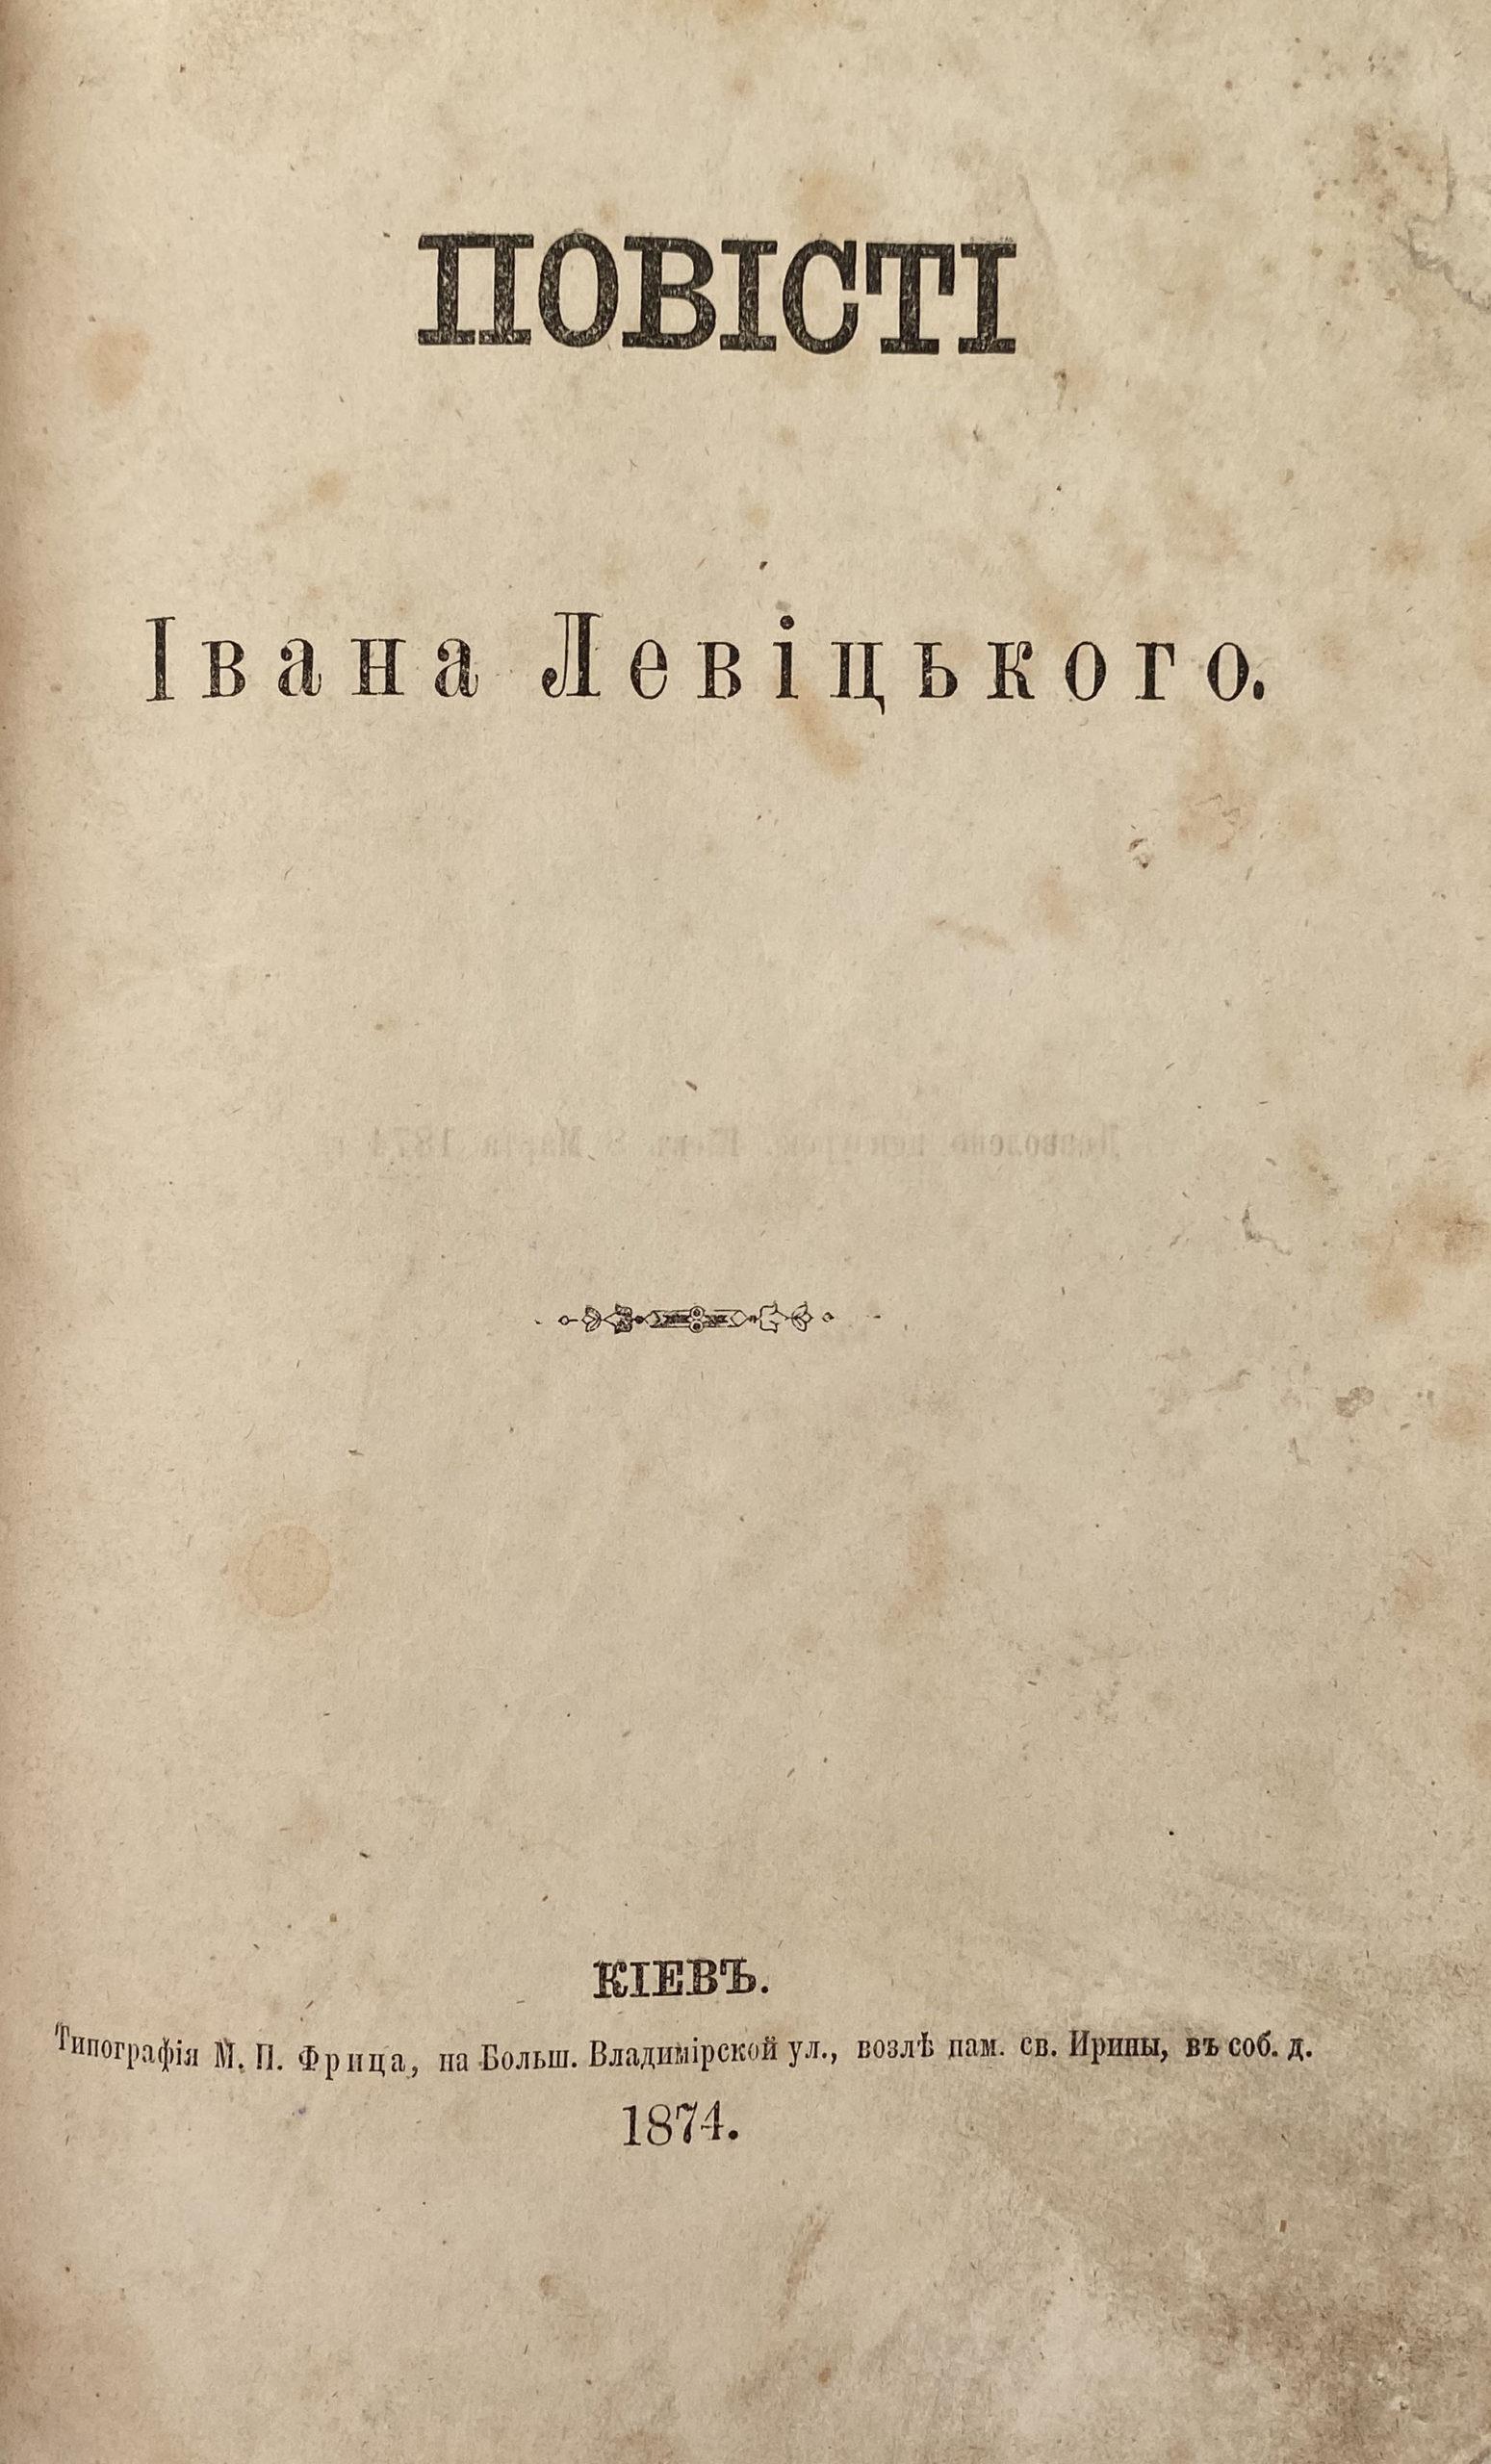 Левіцький І. Повісті Івана Левіцького, Киев, 1874.